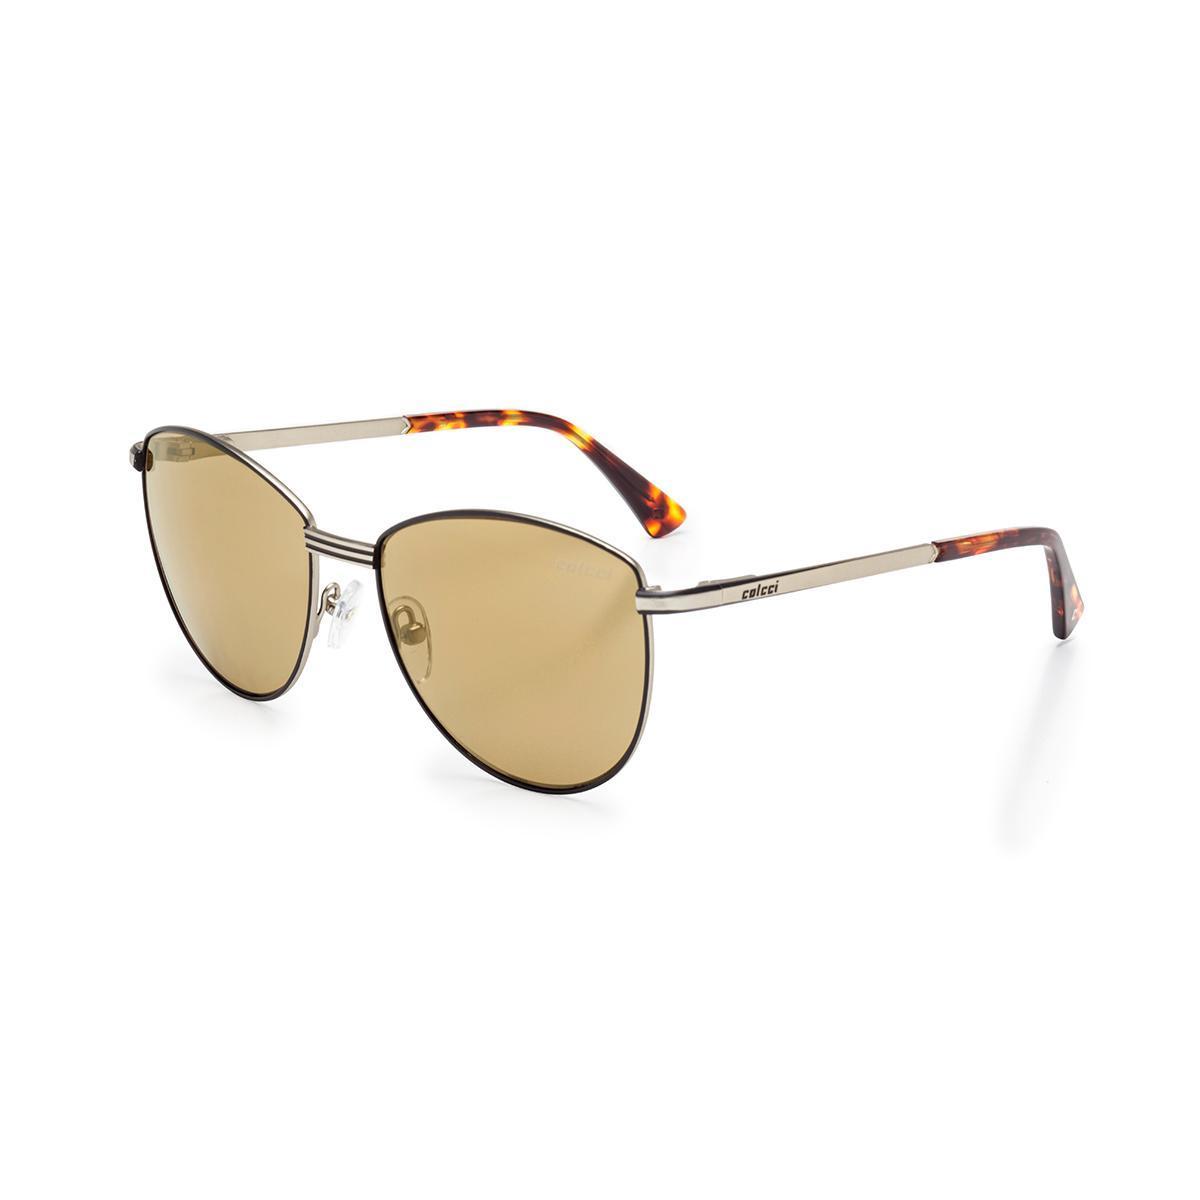 7ac6fdf7e Oculos Sol Colcci C0109 Preto C/ Dourado/L Marrom Fl Dour. -  F6-C0109A0108Pa R$ 299,00 à vista. Adicionar à sacola